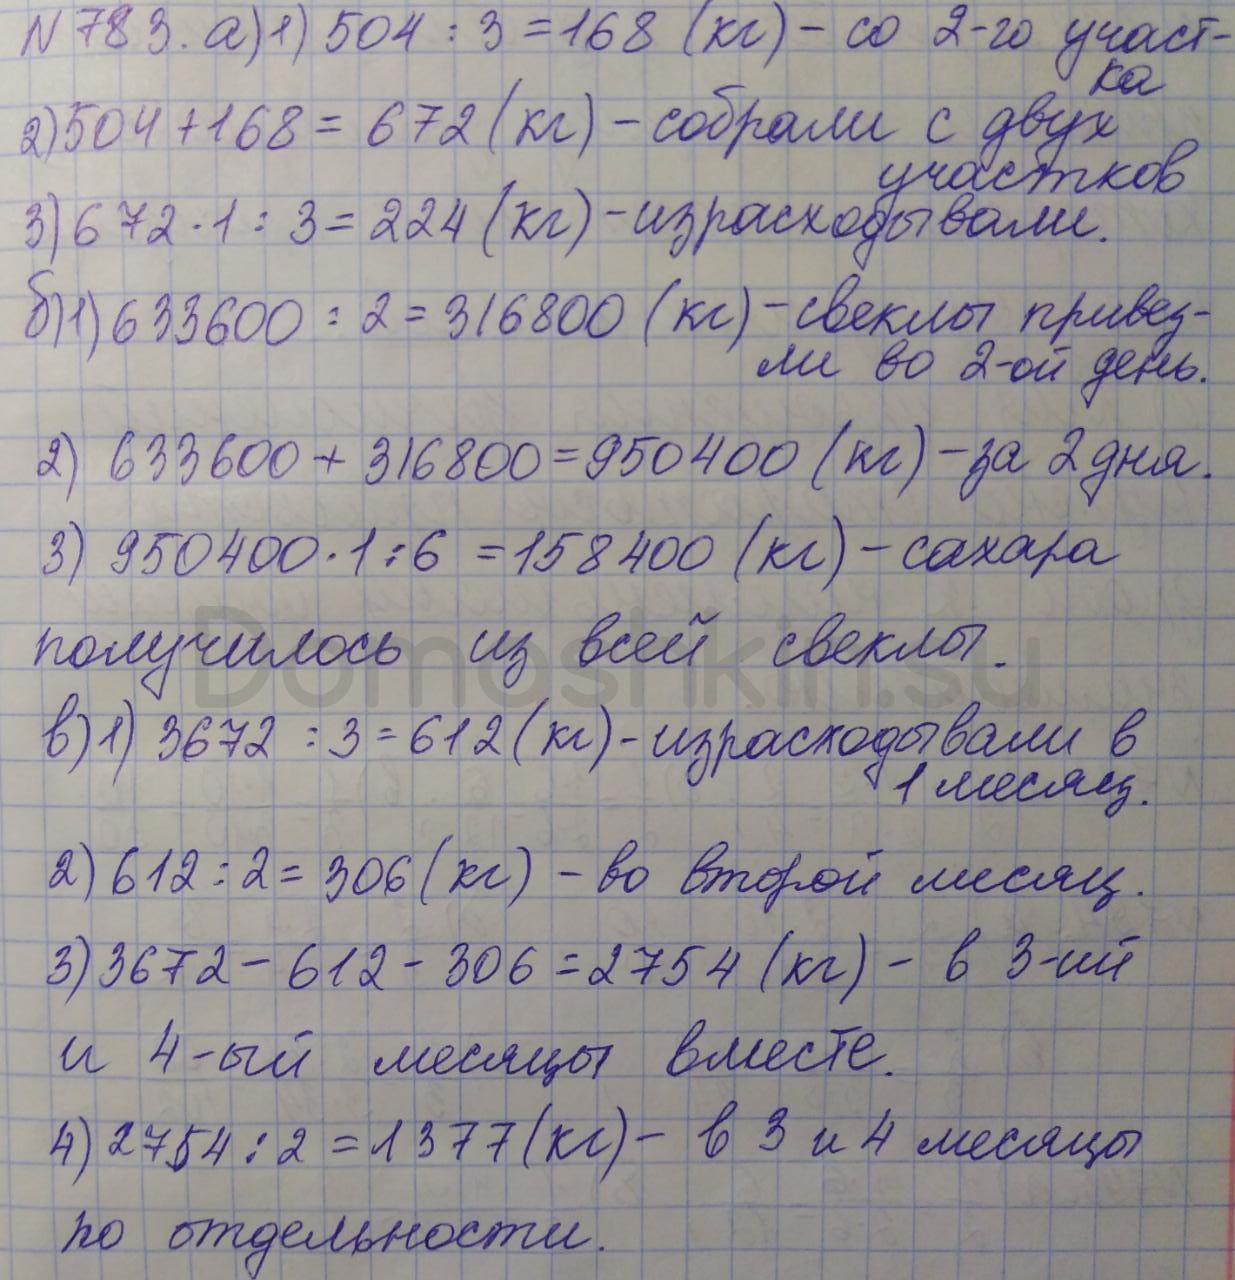 Математика 5 класс учебник Никольский номер 783 решение